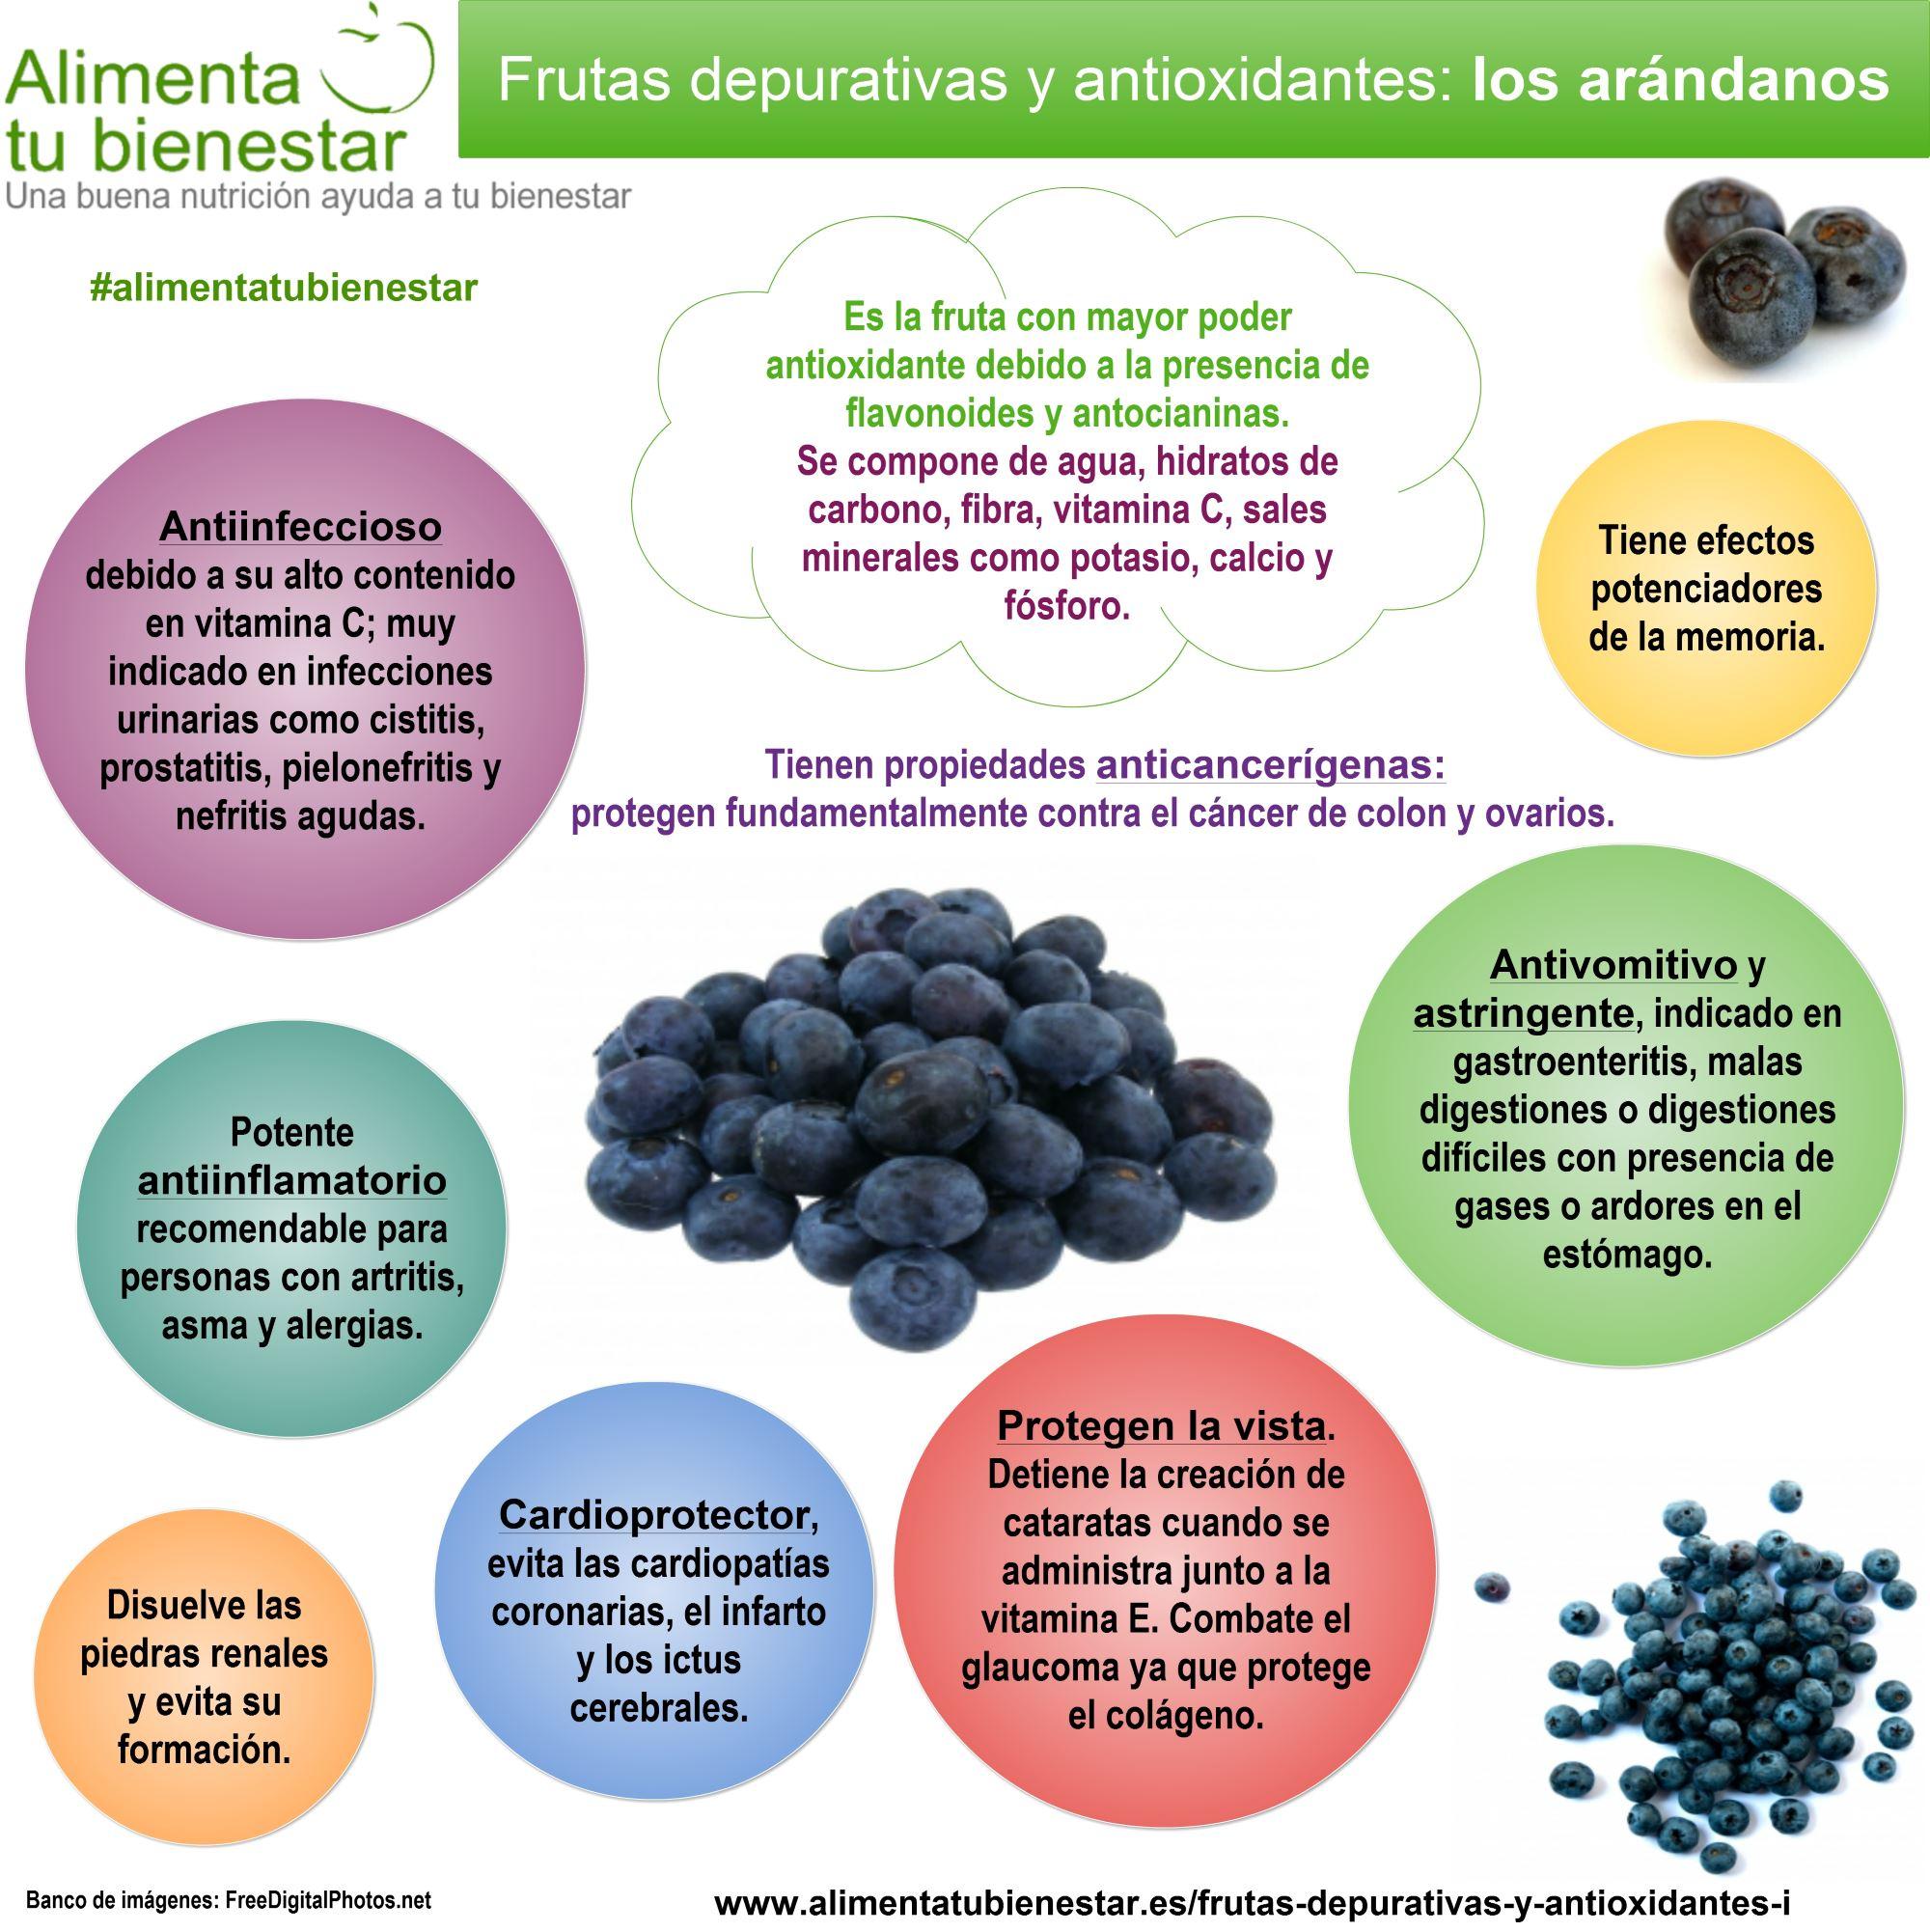 Infografía Frutas depurativas y antioxidantes Los Arándanos